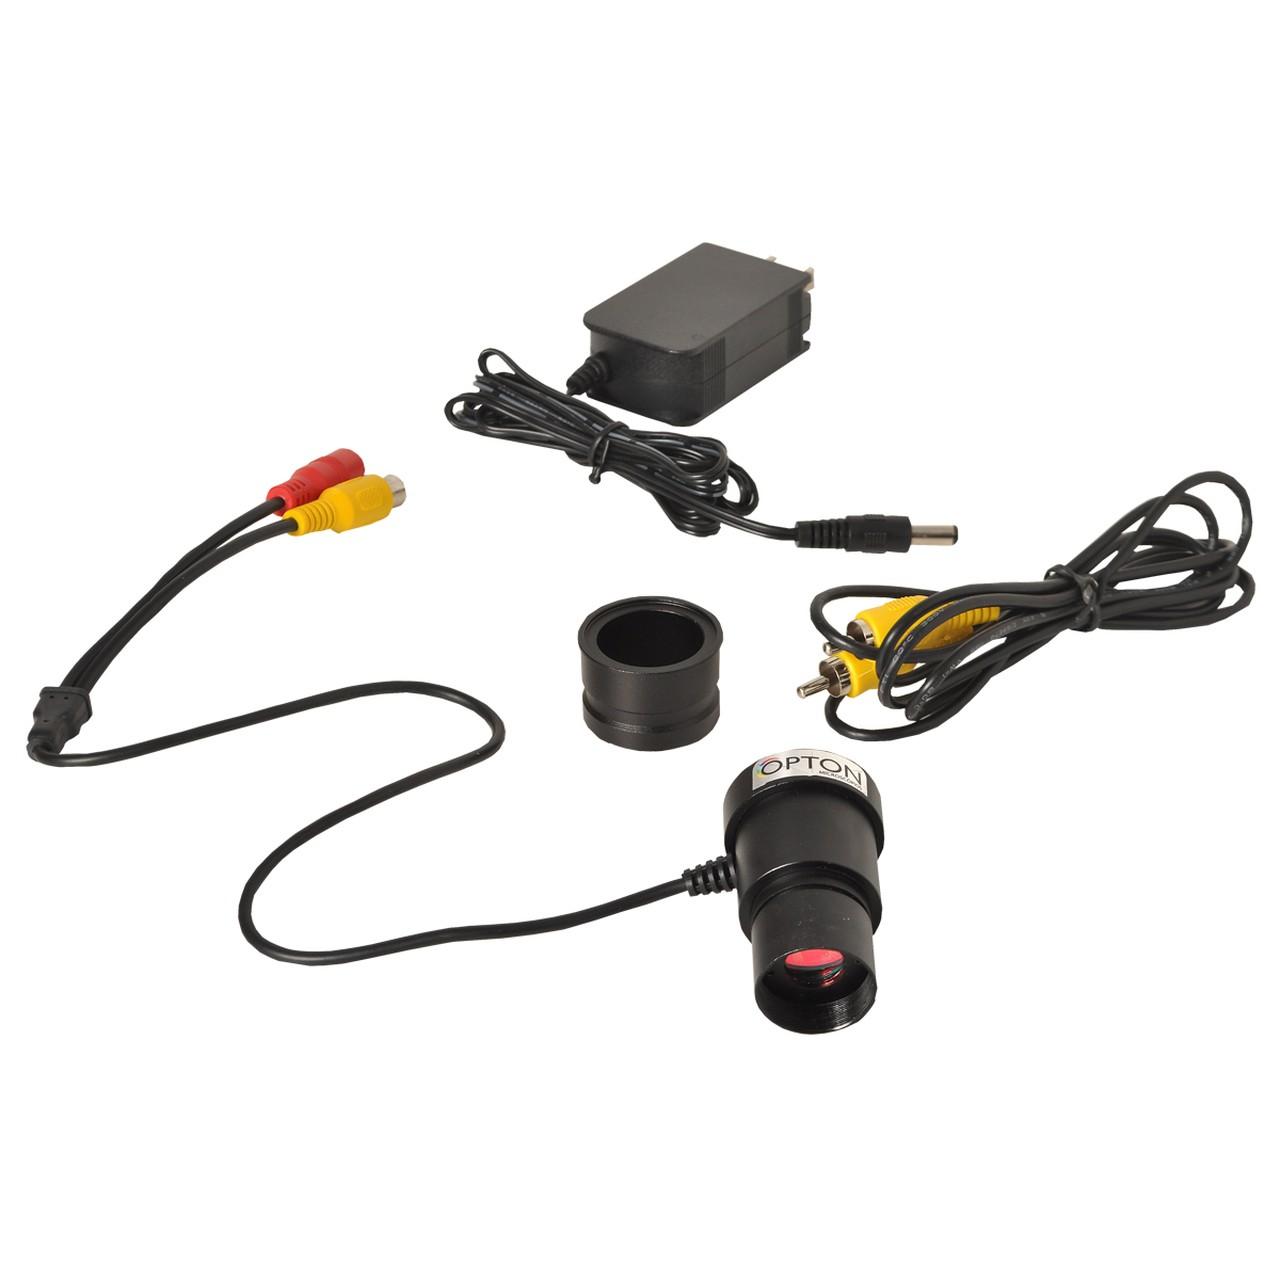 Câmera de vídeo de alta resolução com saída RCA para conexão TV.